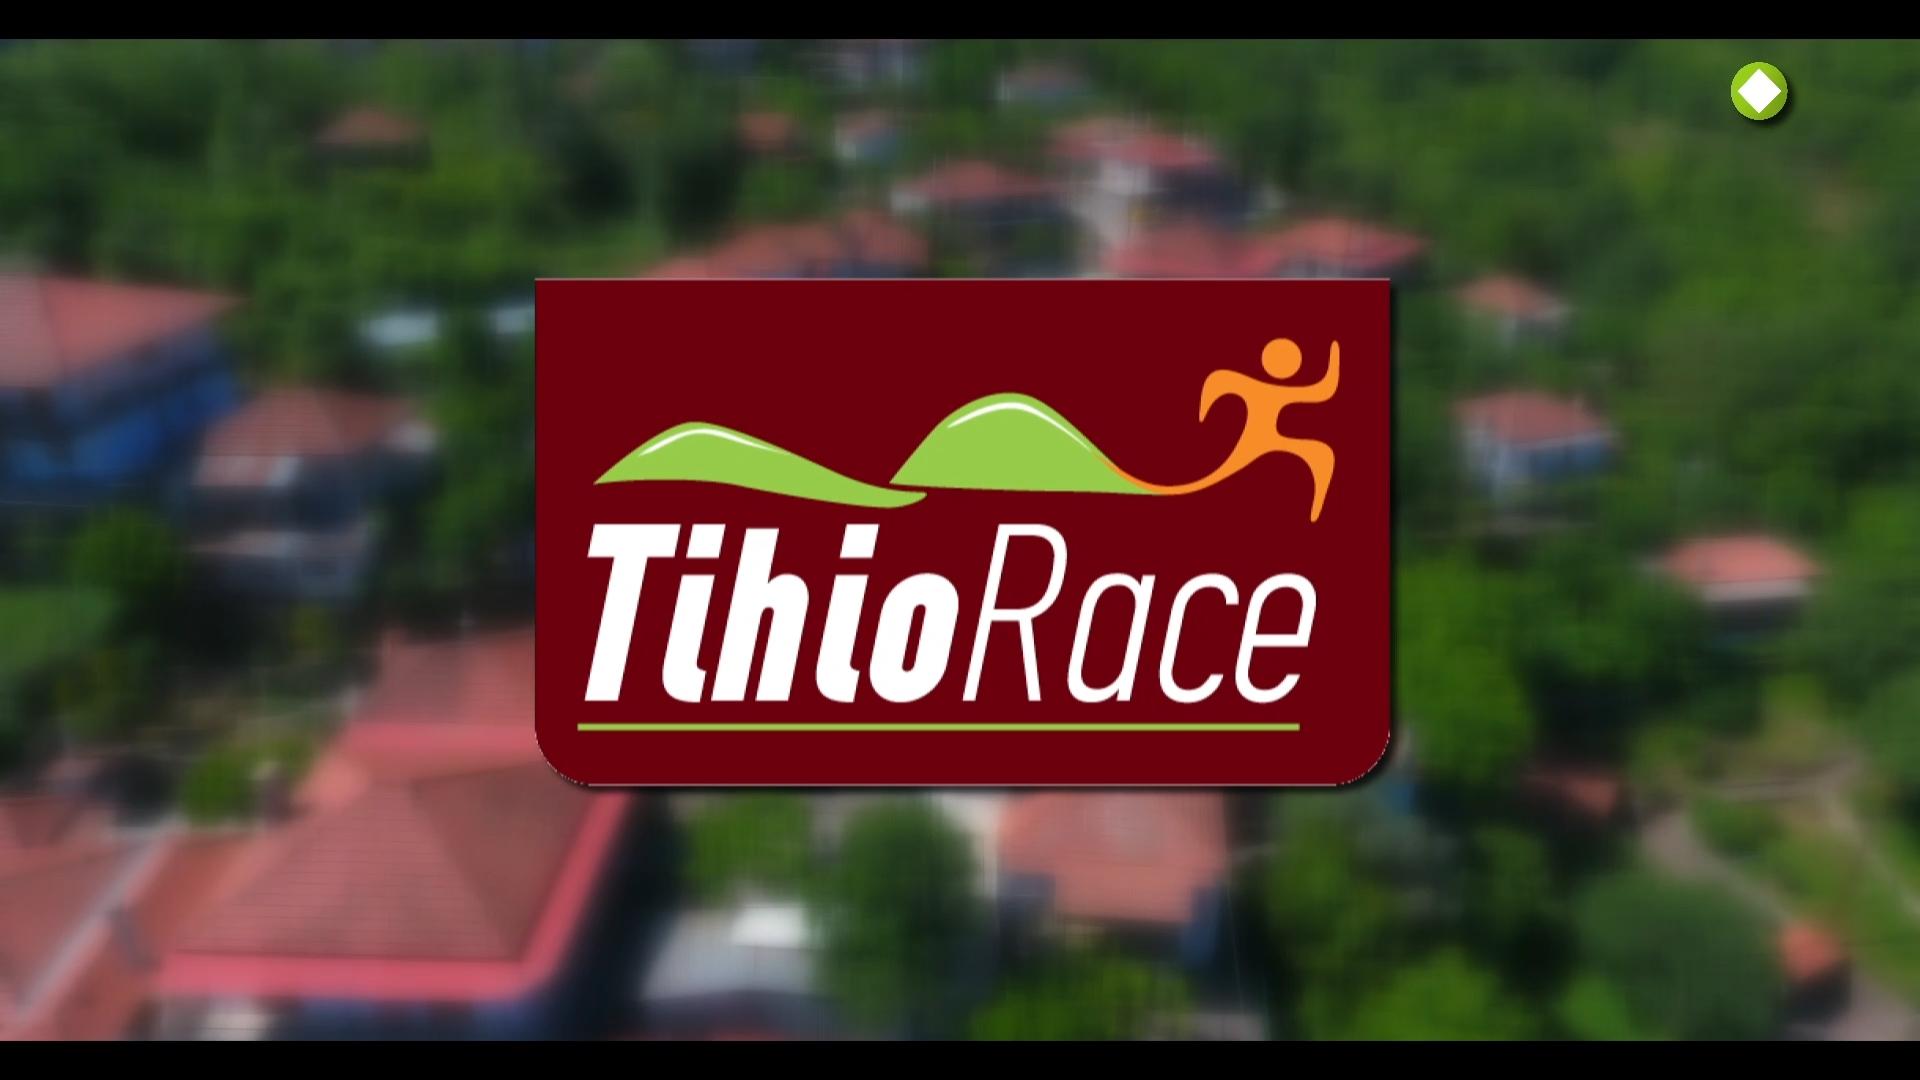 Το Tihiorace2017 στο Lepanto - Δείτε trailer